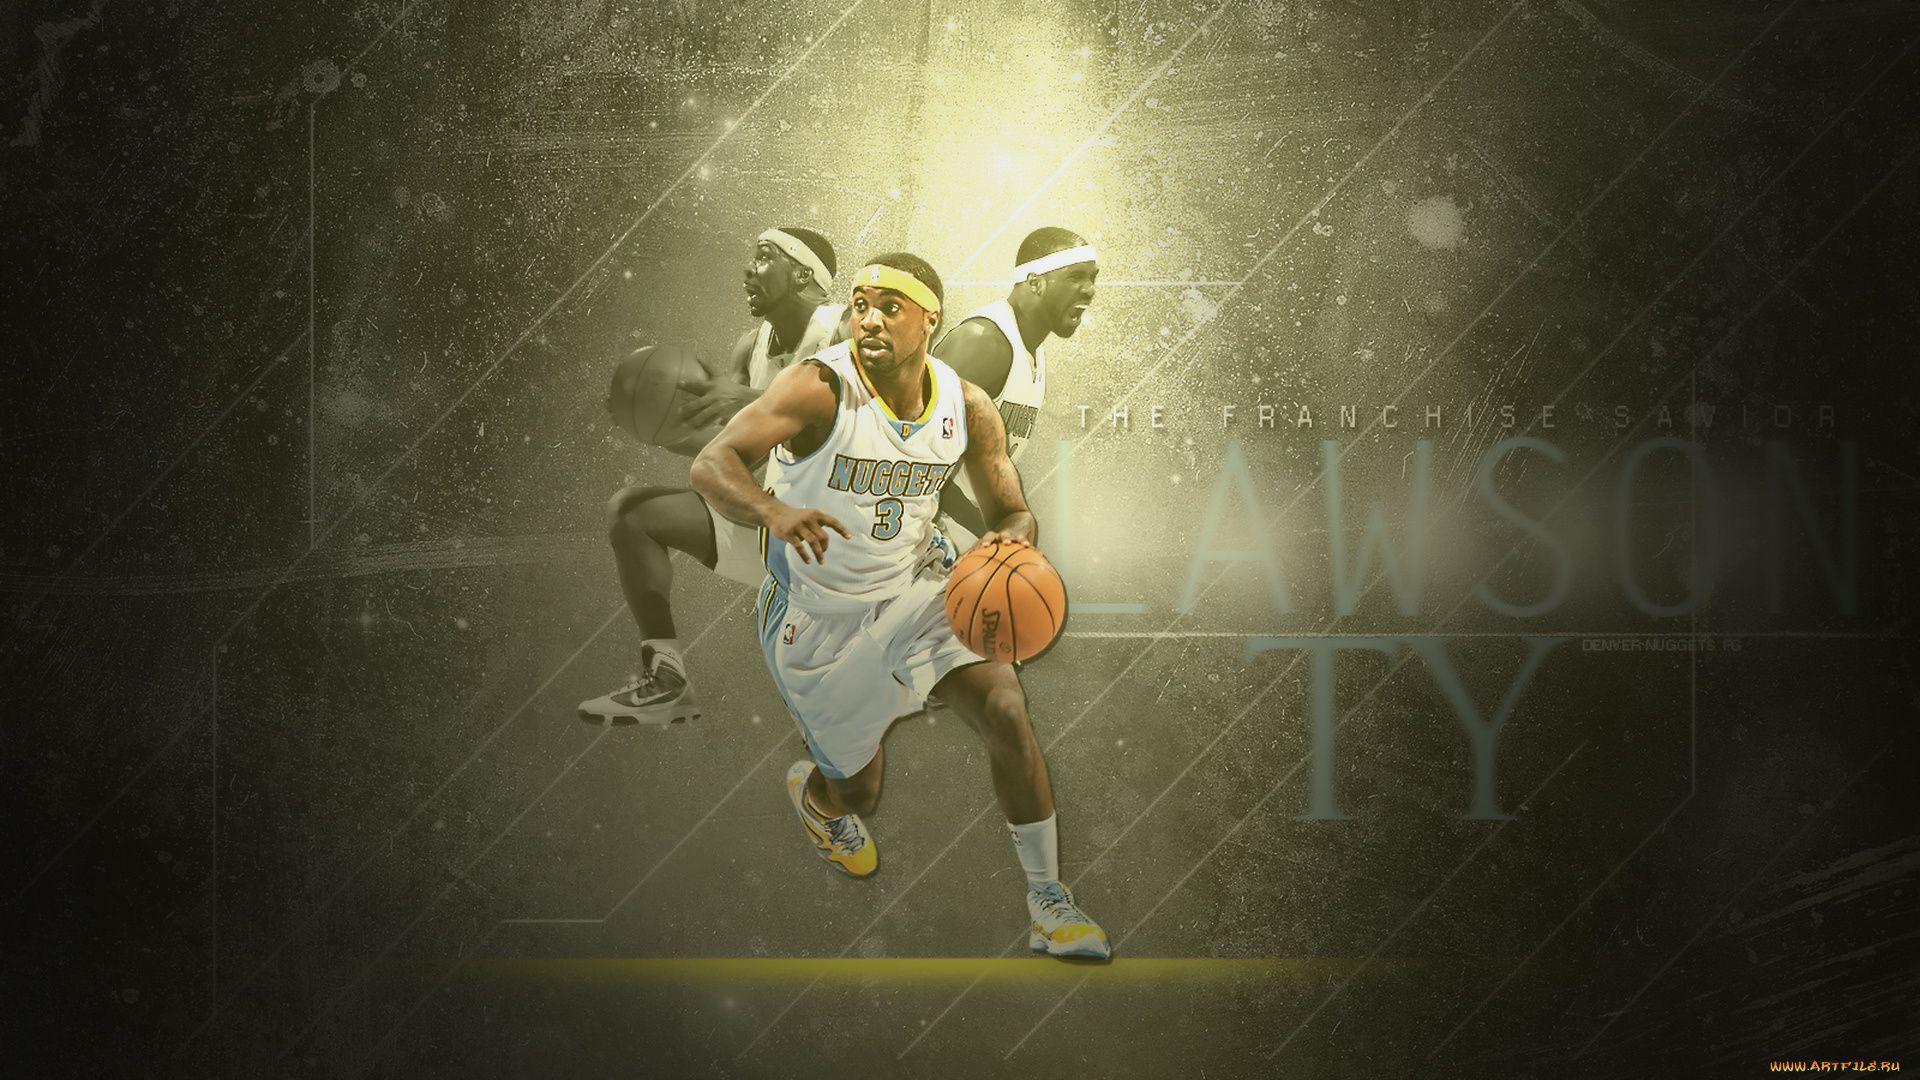 Kentucky Basketball wallpaper